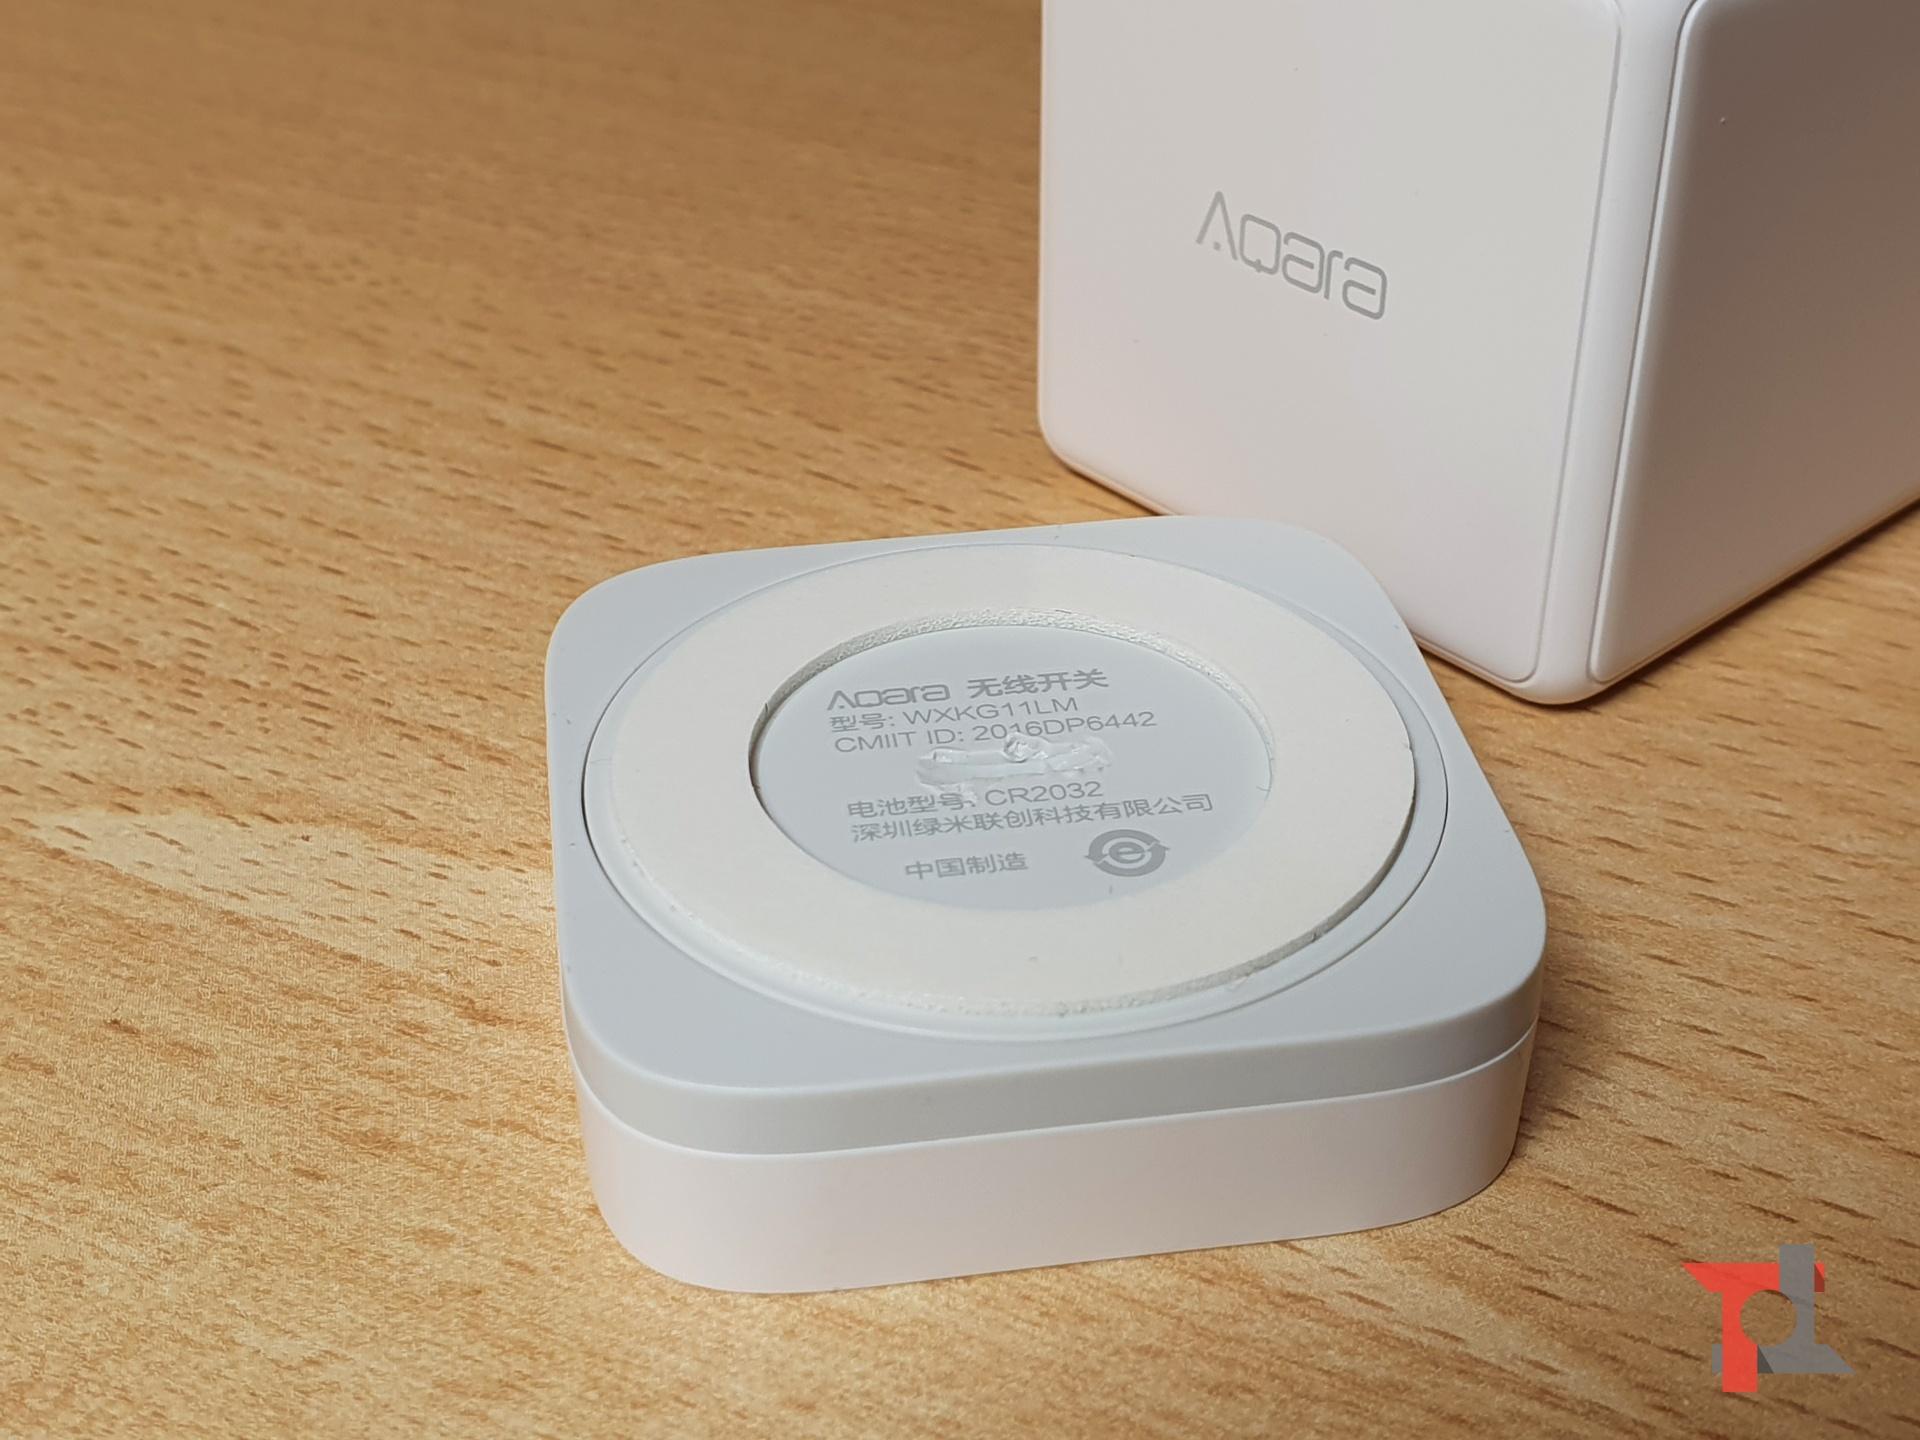 Aqara e Yeelight, due brand che puntano alla smart home: abbiamo provato questi prodotti 6